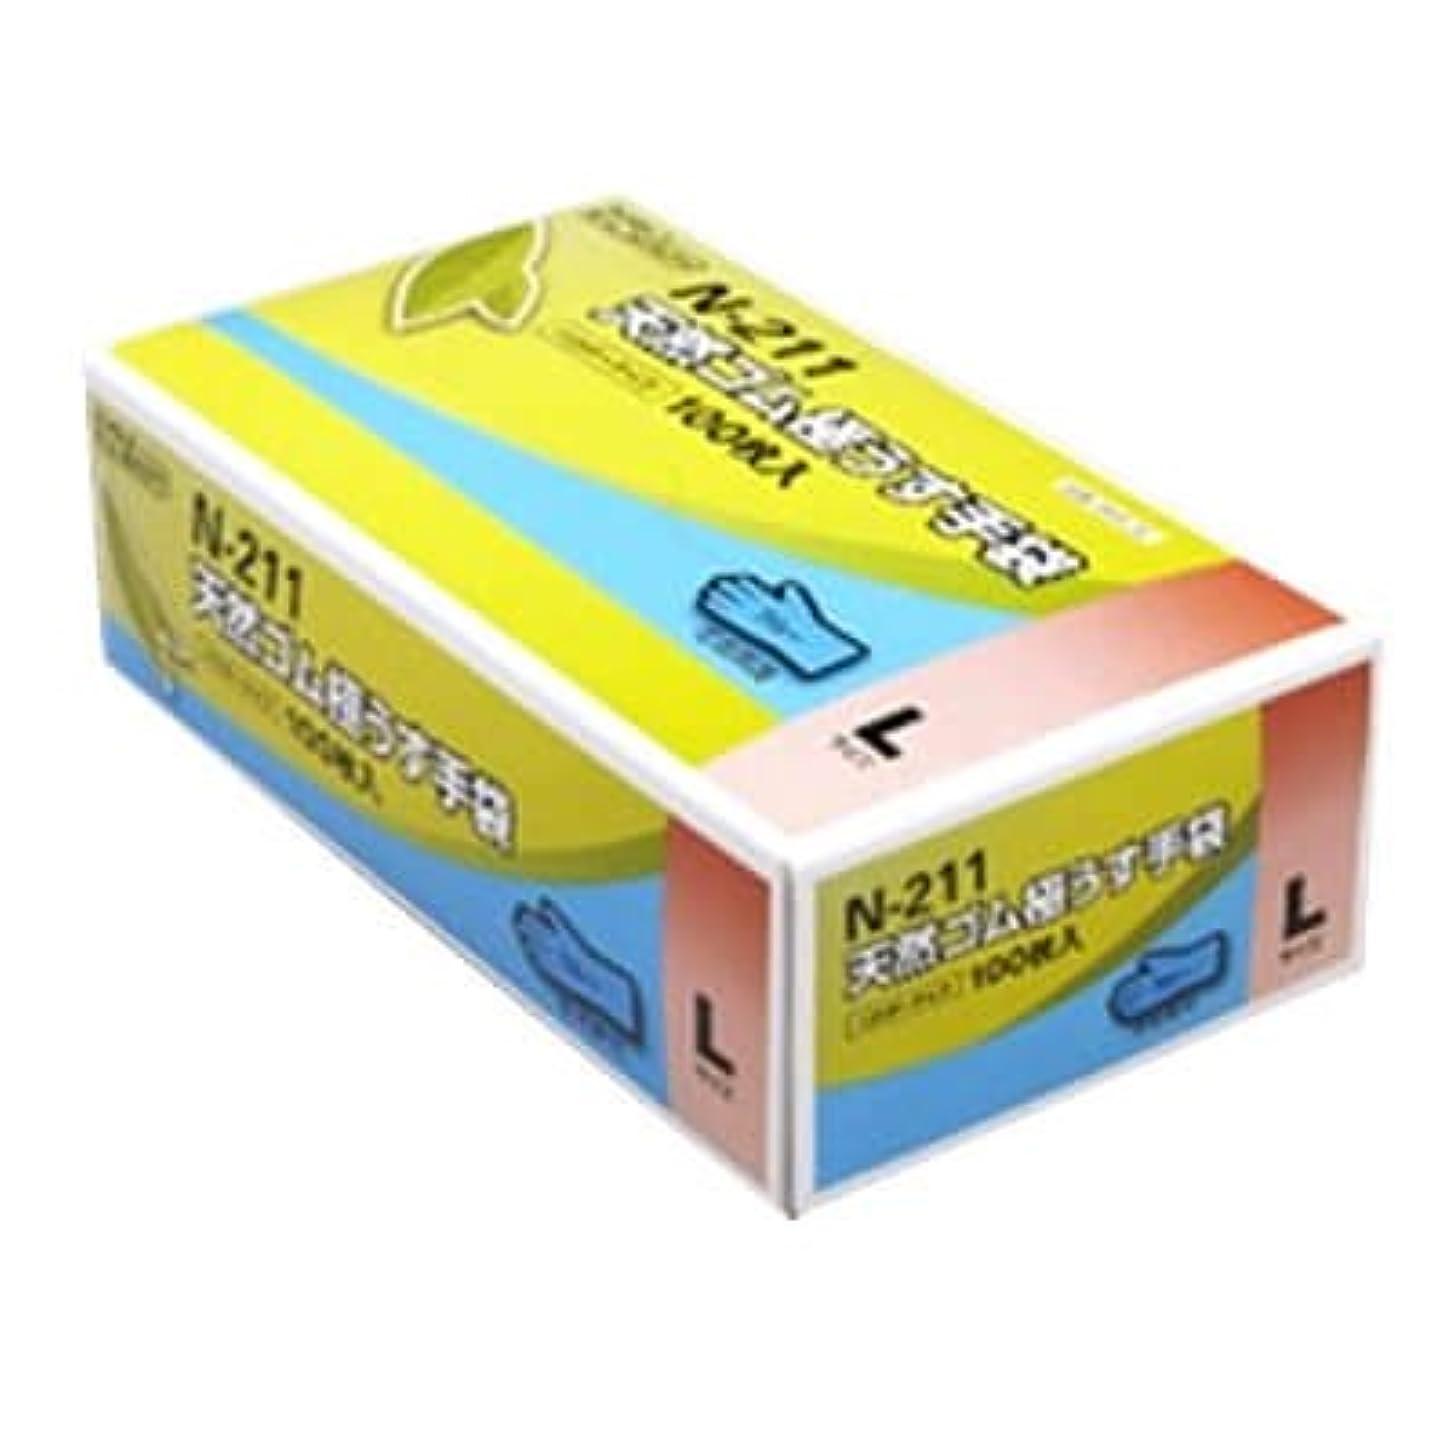 ダルセットネックレスいちゃつく【ケース販売】 ダンロップ 天然ゴム極うす手袋 N-211 L ブルー (100枚入×20箱)